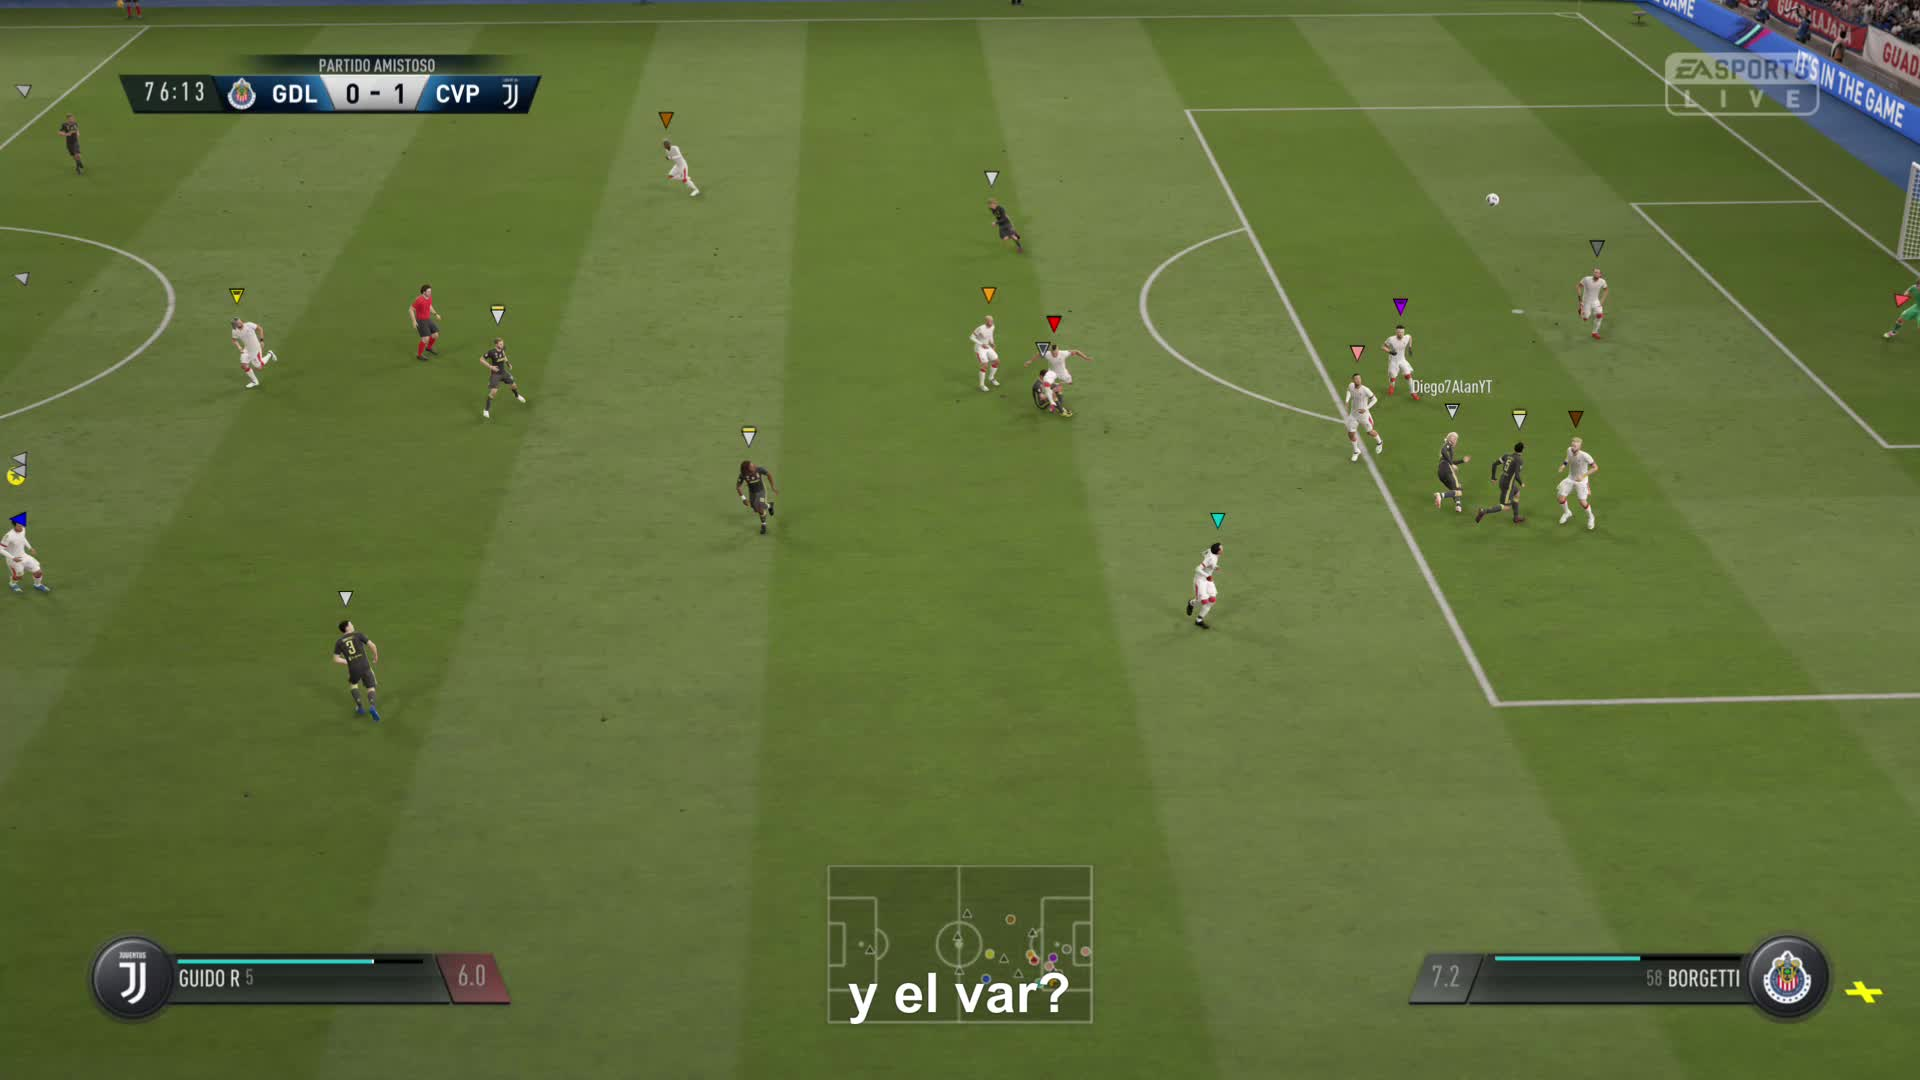 FIFA19, HGS ZorRiTo9, gamer dvr, xbox, xbox one, roja GIFs